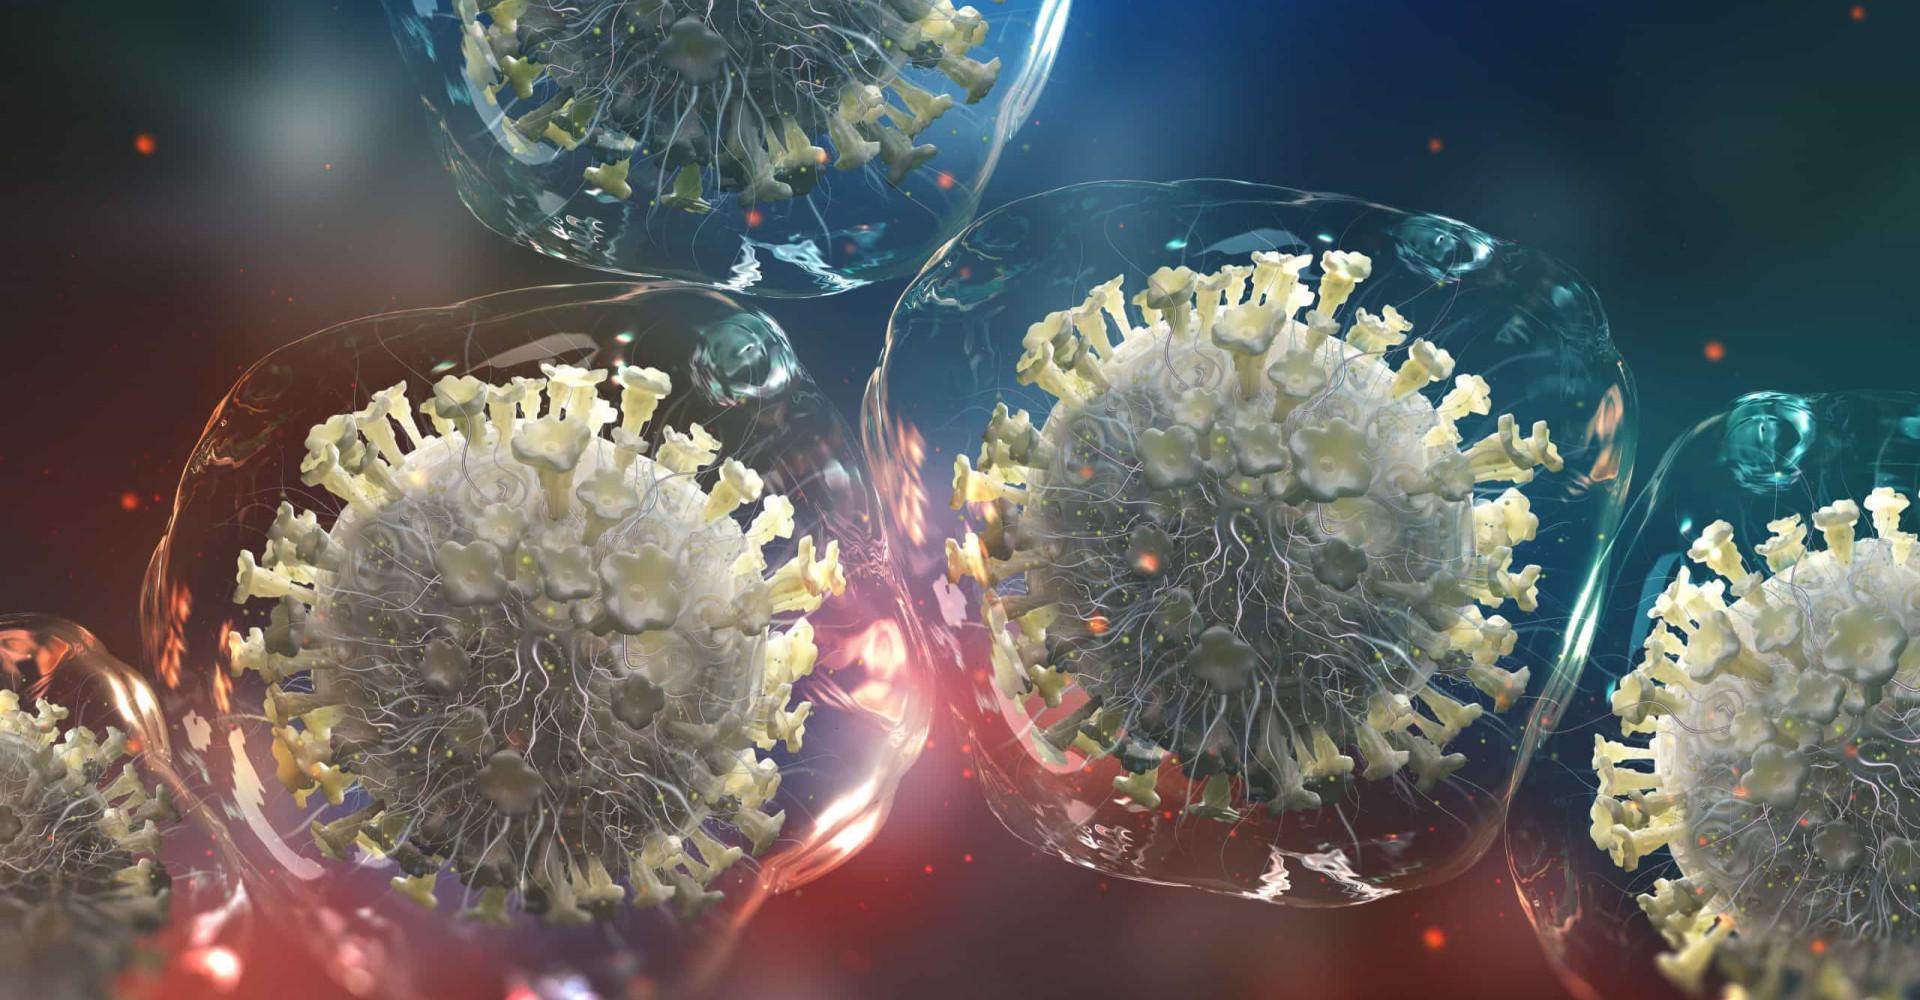 Hoe worden virussen van dieren op mensen overgebracht?